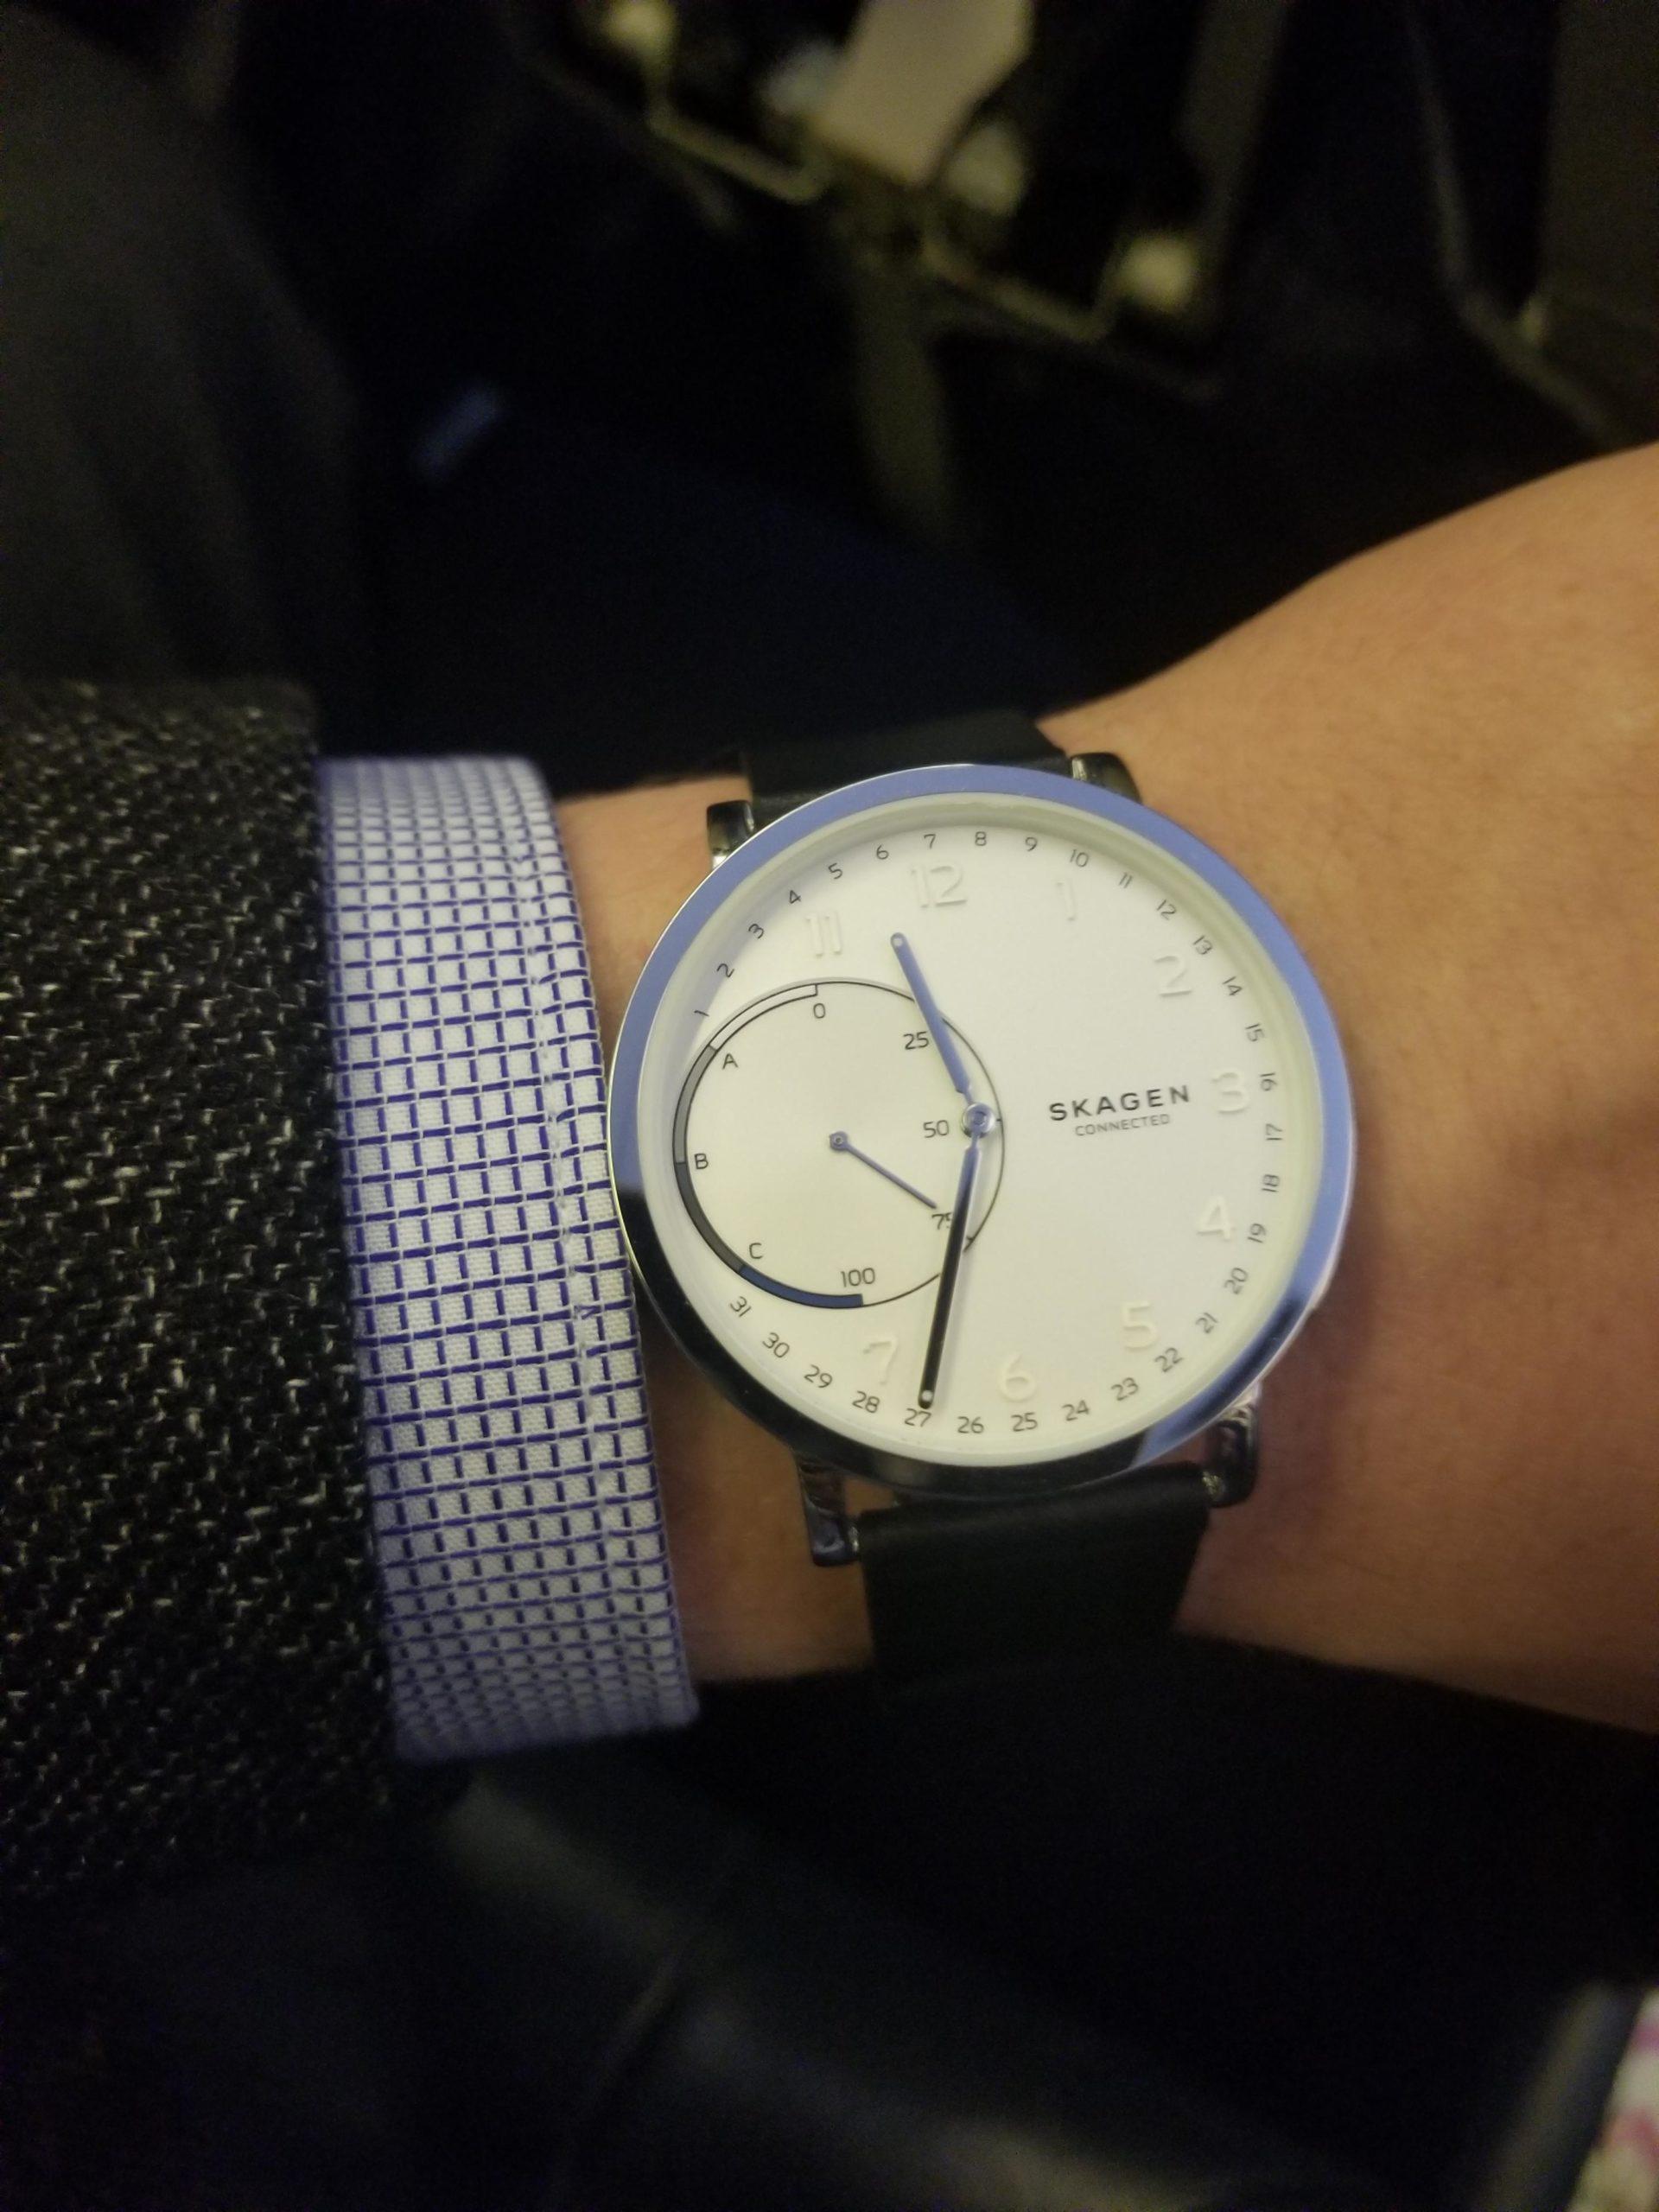 Skagen Watches 1